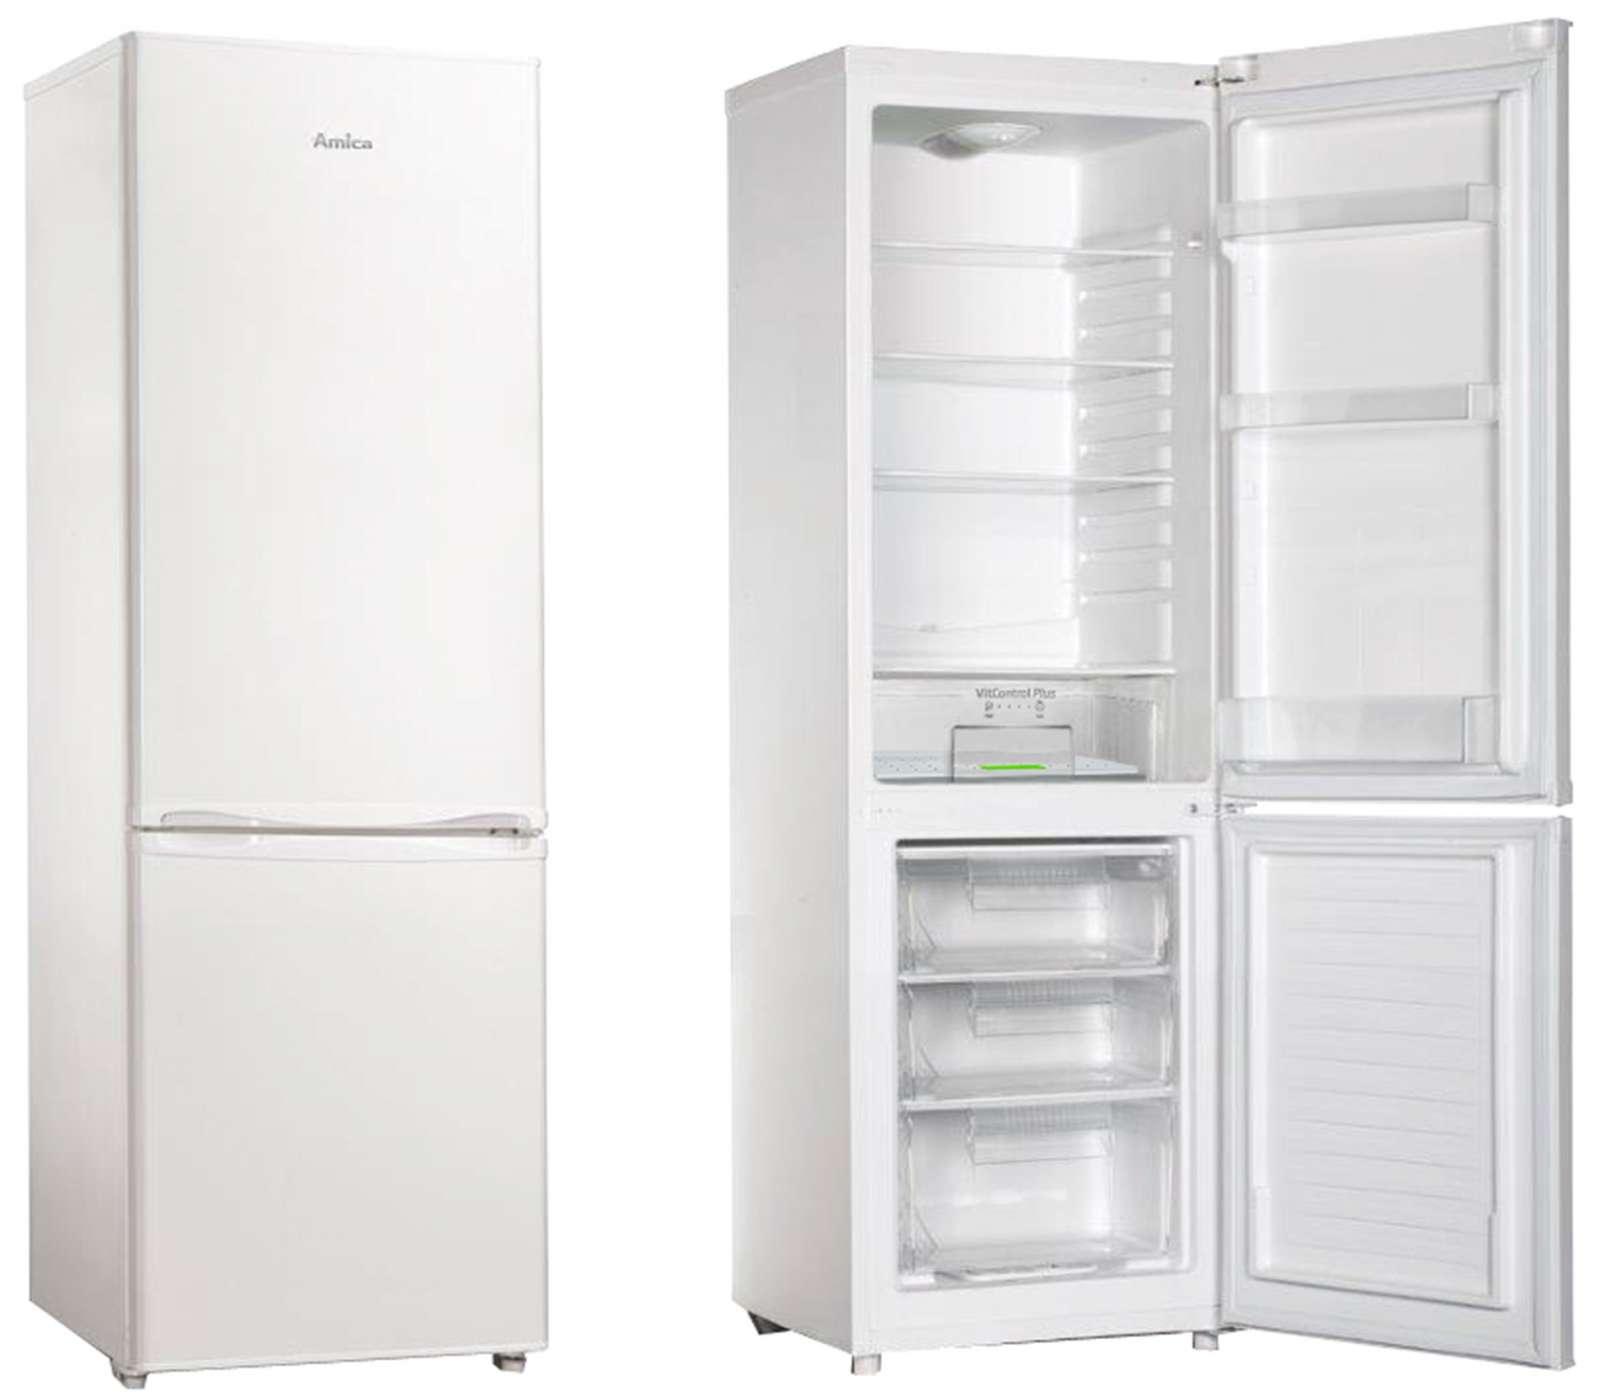 Volně stojící kombinovaná chladnička AMICA VC 1702 W